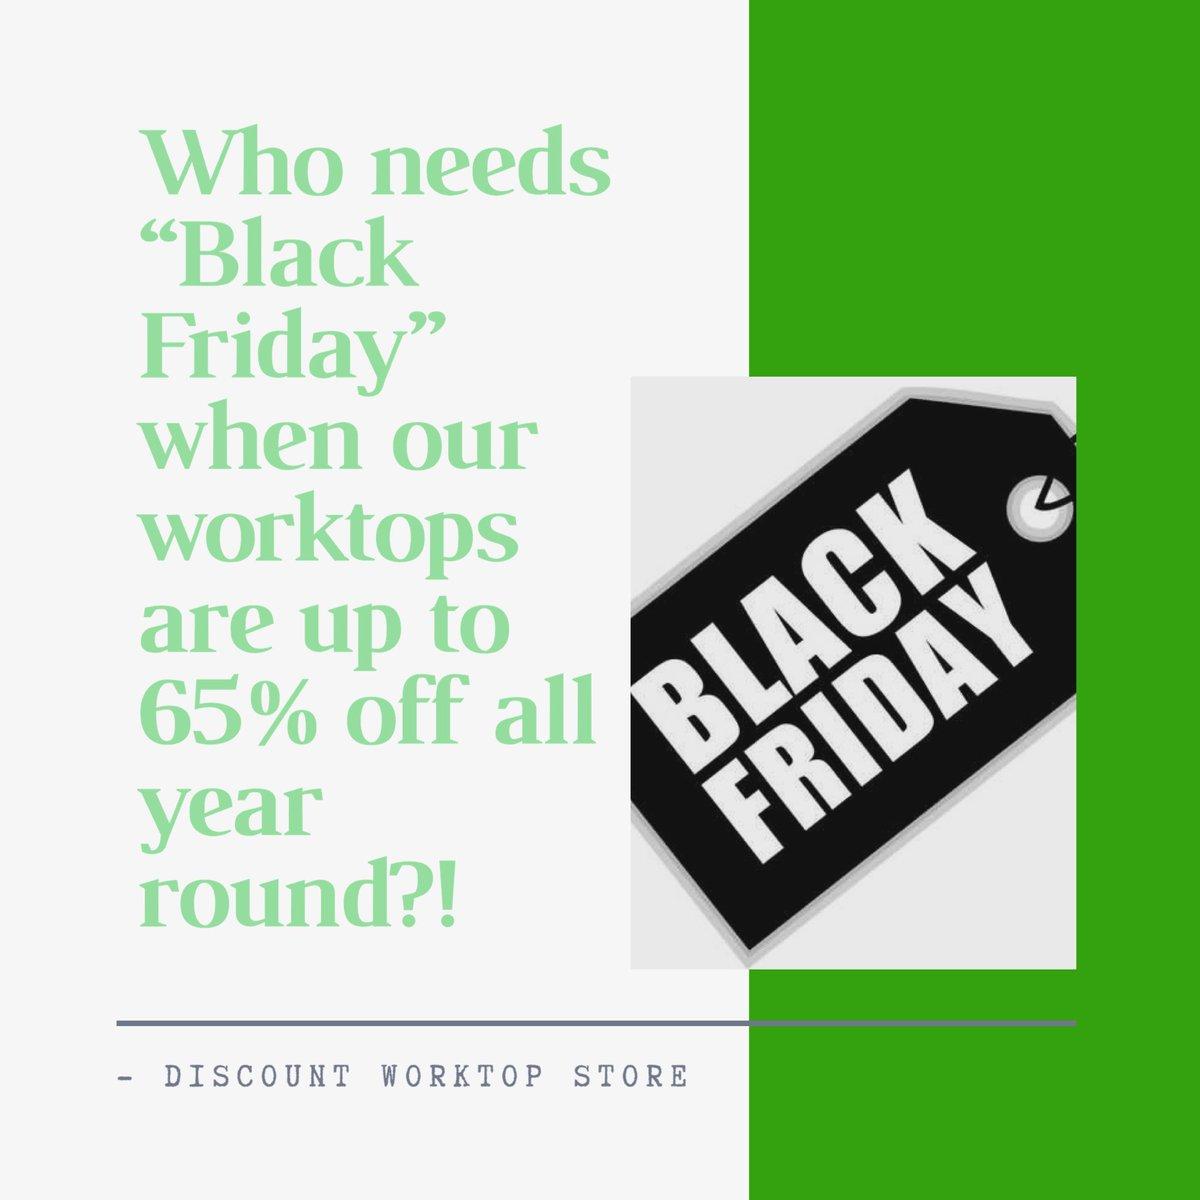 Every day is Black Friday at Discount Worktop Store. #corian #apolloworktops #granite #quartzworktops kitchen-worktops-store.co.uk